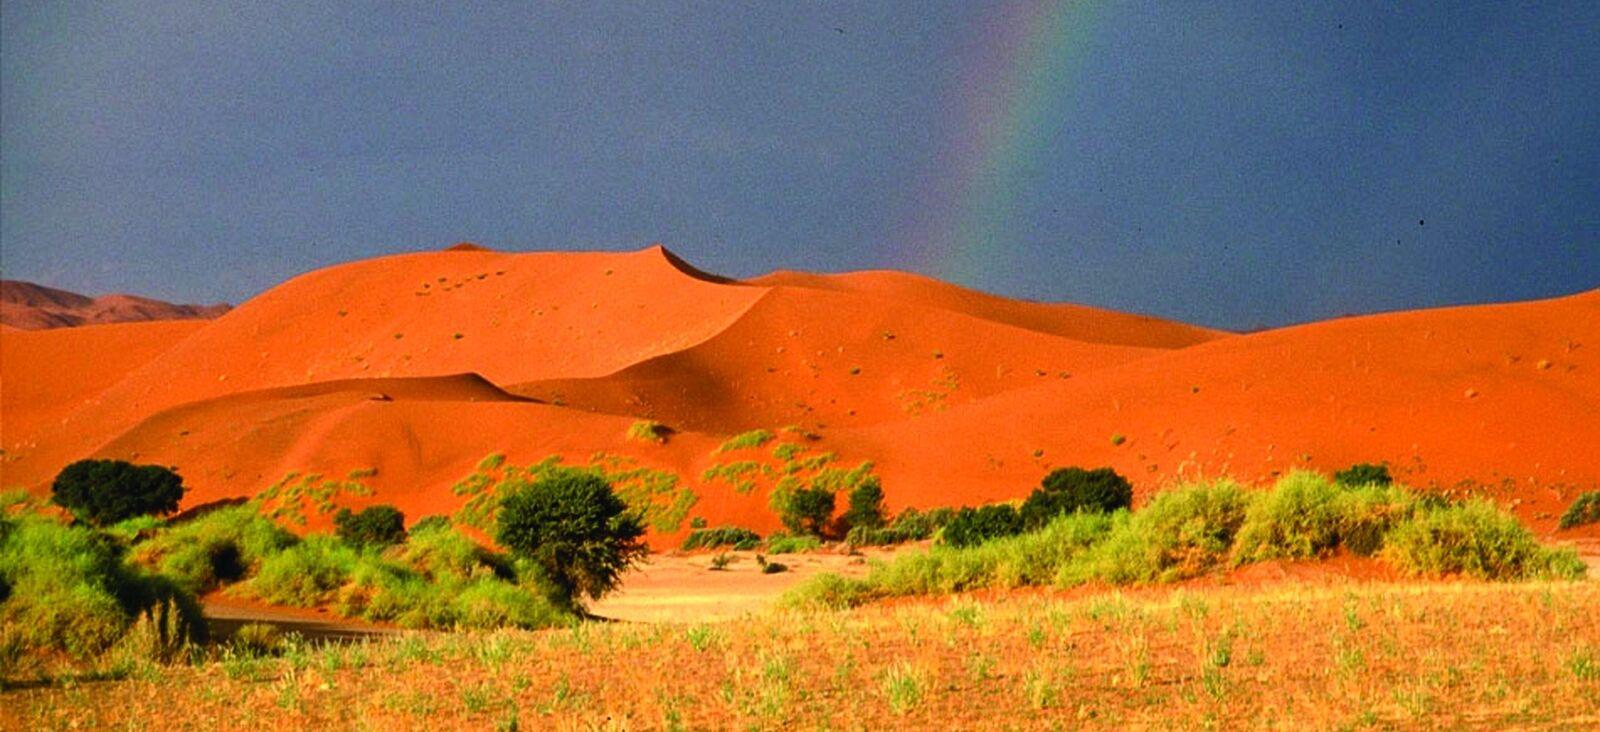 Namiba Terra